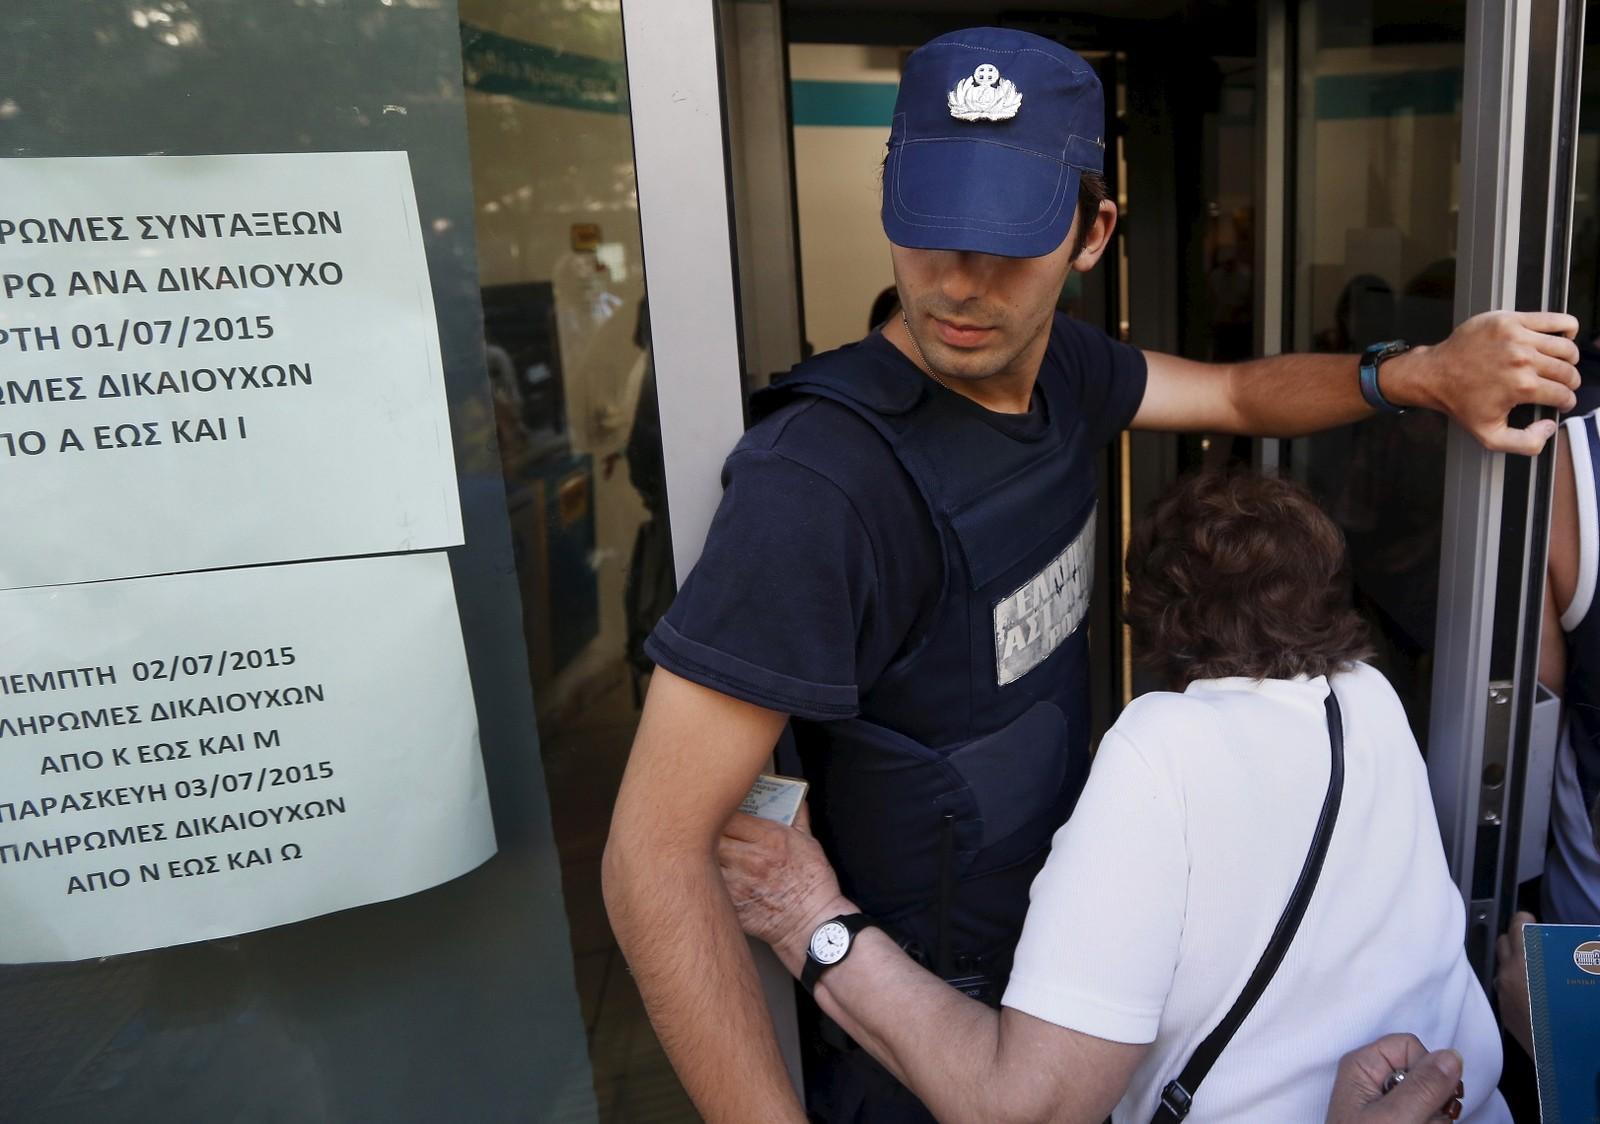 En kvinne smyger seg inn døren til en bank i Aten, mens en politimann forsøker å holde orden på køen og mengden av eldre grekere som venter på tur på å få komme inn.